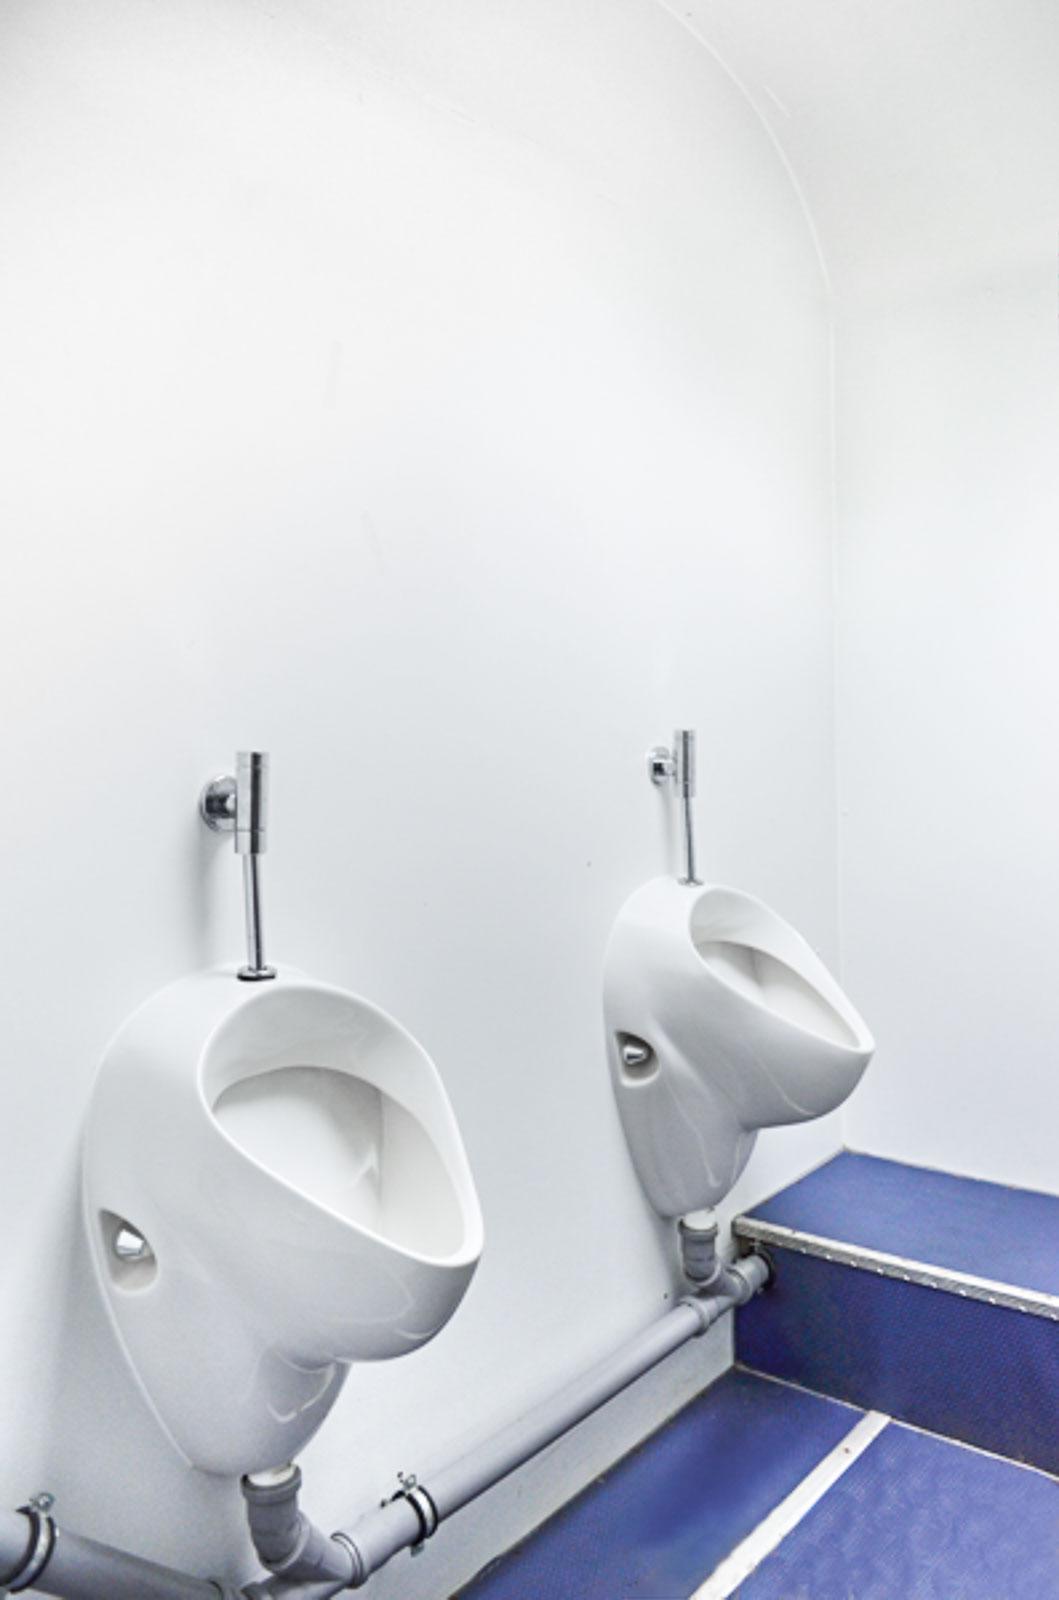 Toiletten Vermietung Aachen - Toilettenwagen mit Urinal